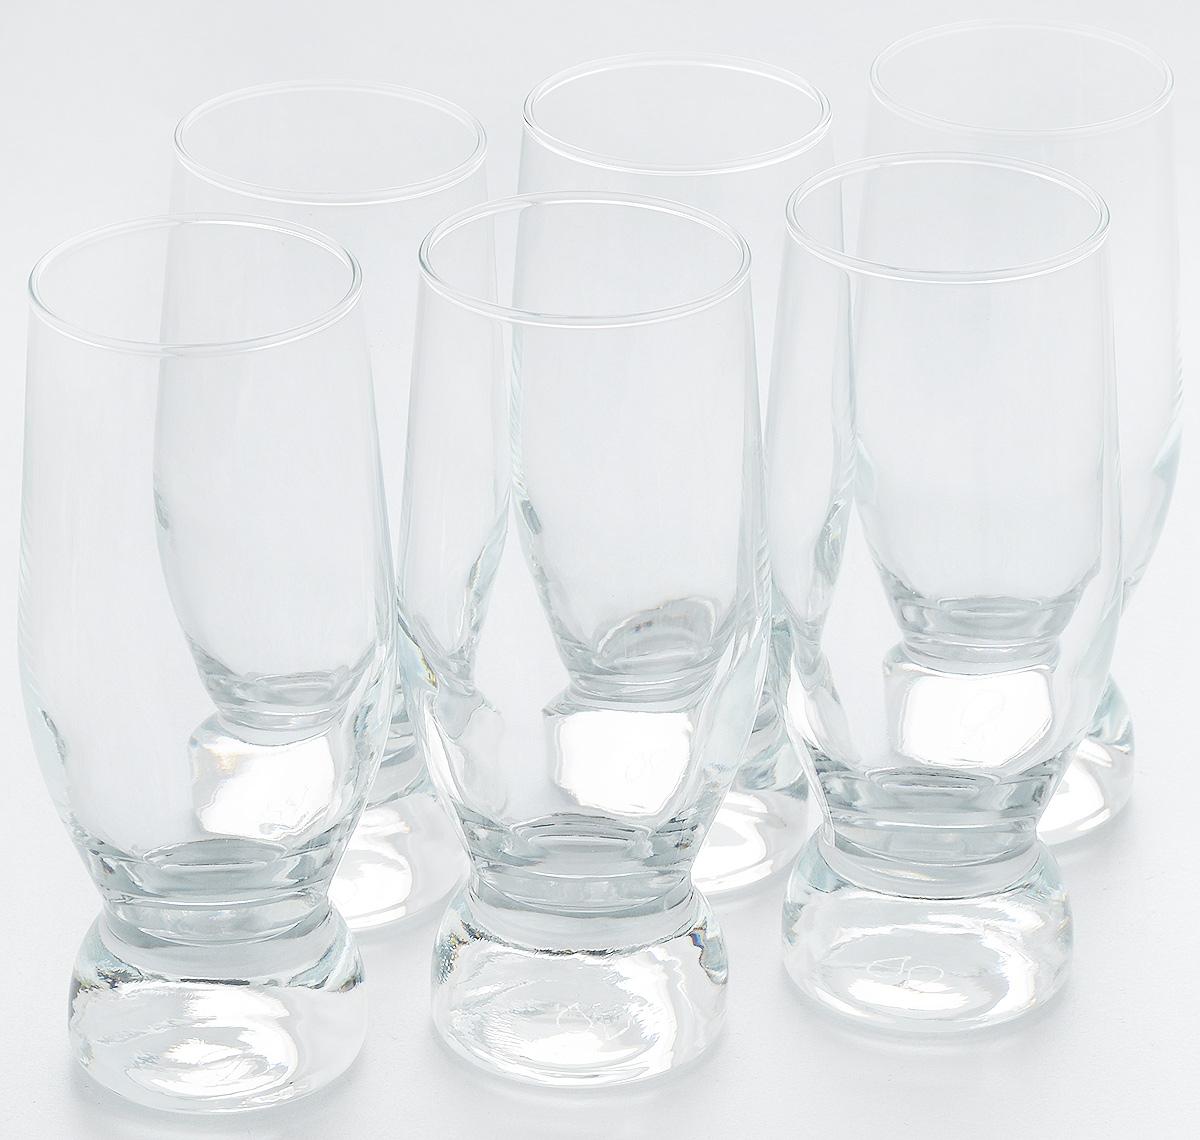 Набор стаканов для коктейлей Pasabahce Aquatic, 265 мл, 6 шт42978BНабор Pasabahce, состоящий из шести стаканов, несомненно, придется вам по душе. Стаканы предназначены для подачи коктейлей, сока, воды и других напитков. Они изготовлены из прочного высококачественного прозрачного стекла и сочетают в себе элегантный дизайн и функциональность. Благодаря такому набору пить напитки будет еще вкуснее. Набор стаканов Pasabahce идеально подойдет для сервировки стола и станет отличным подарком к любому празднику. Высота стакана: 15 см.